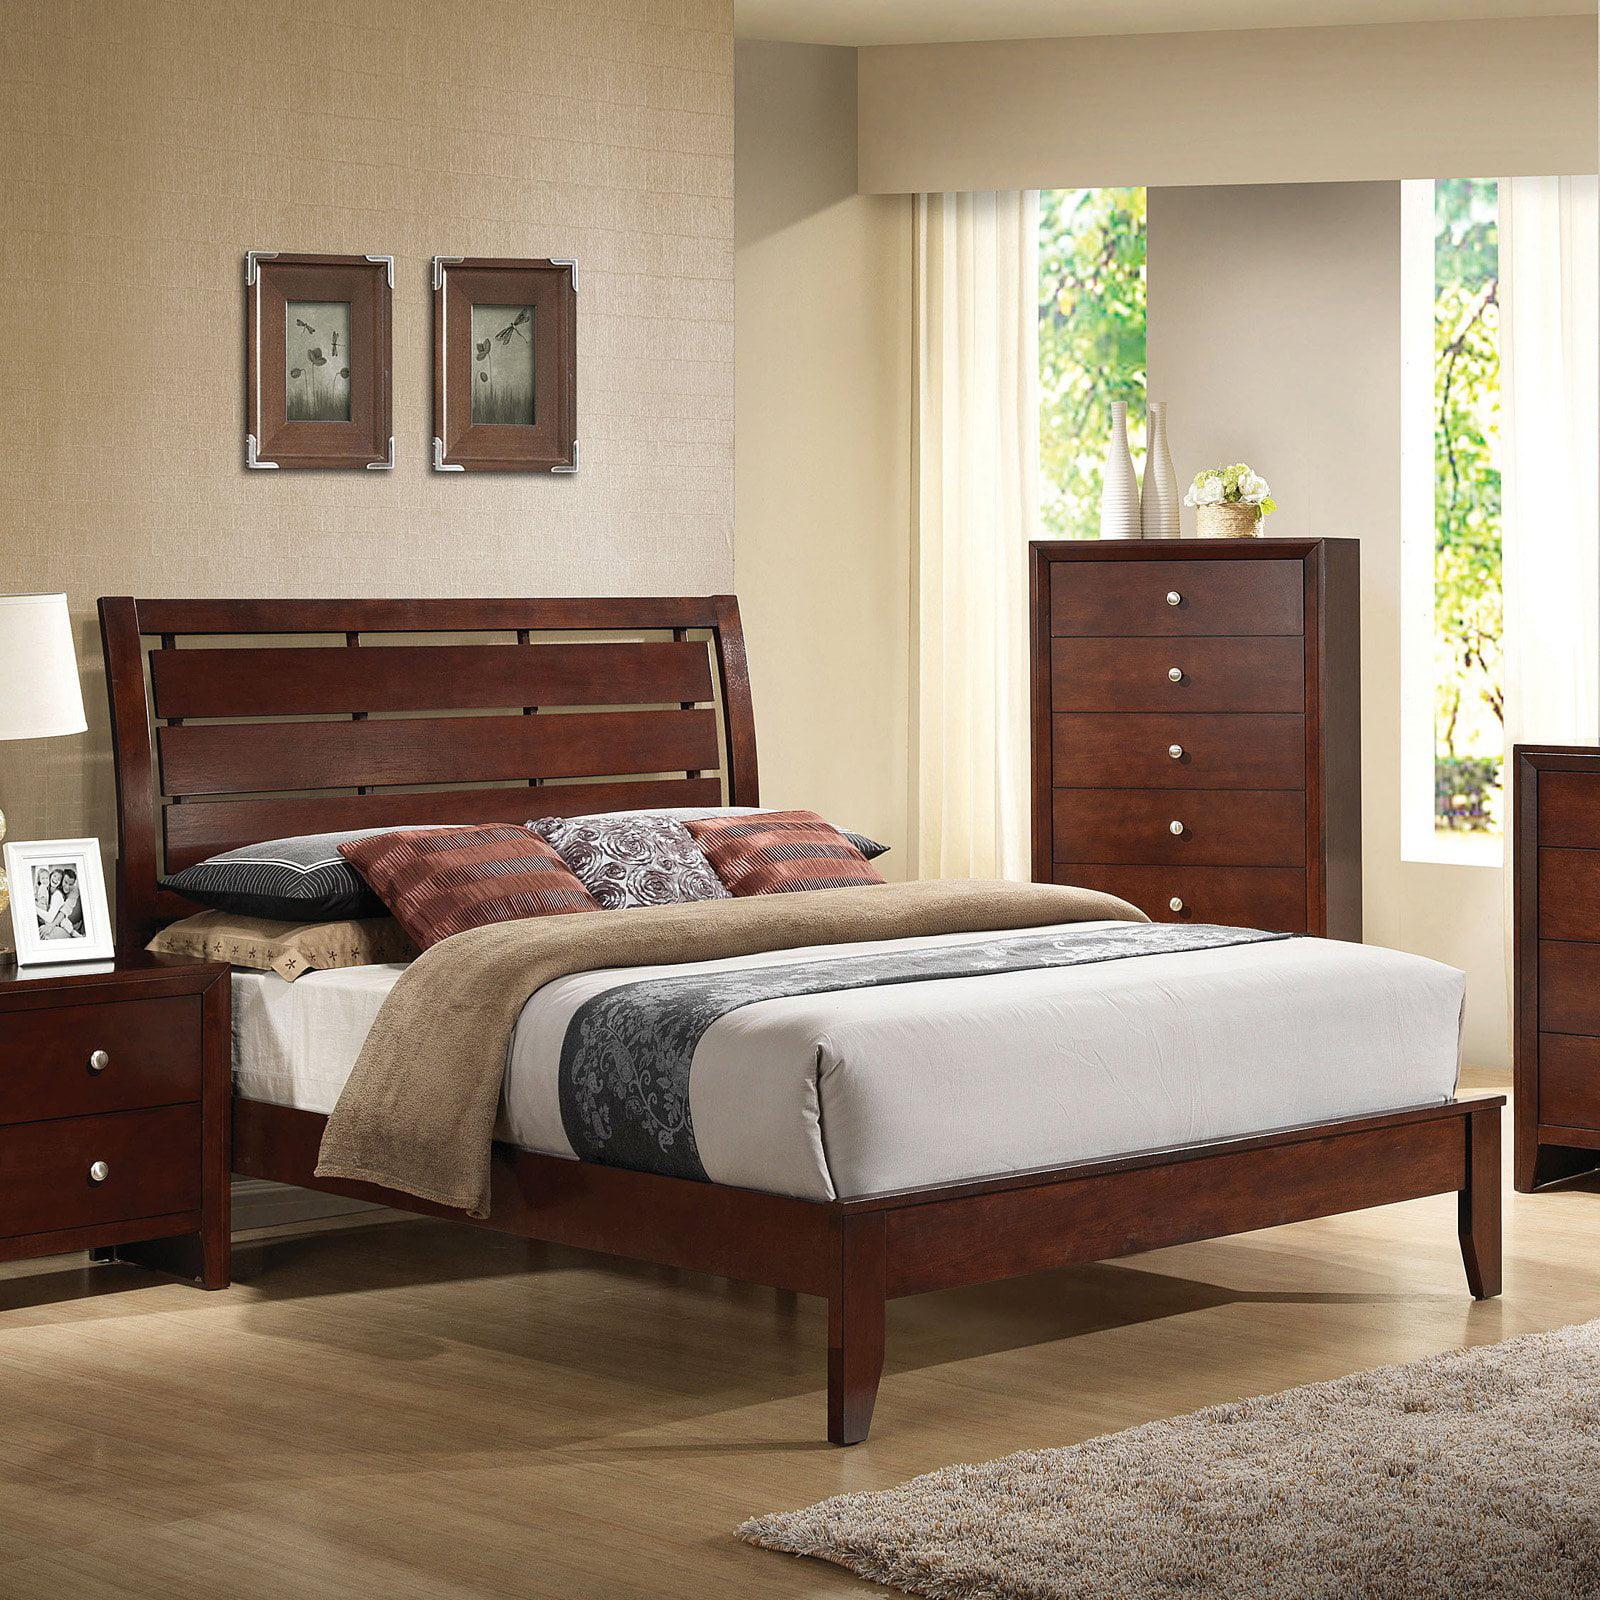 ACME Ilana Queen Panel Bed in Brown Cherry Rubberwood